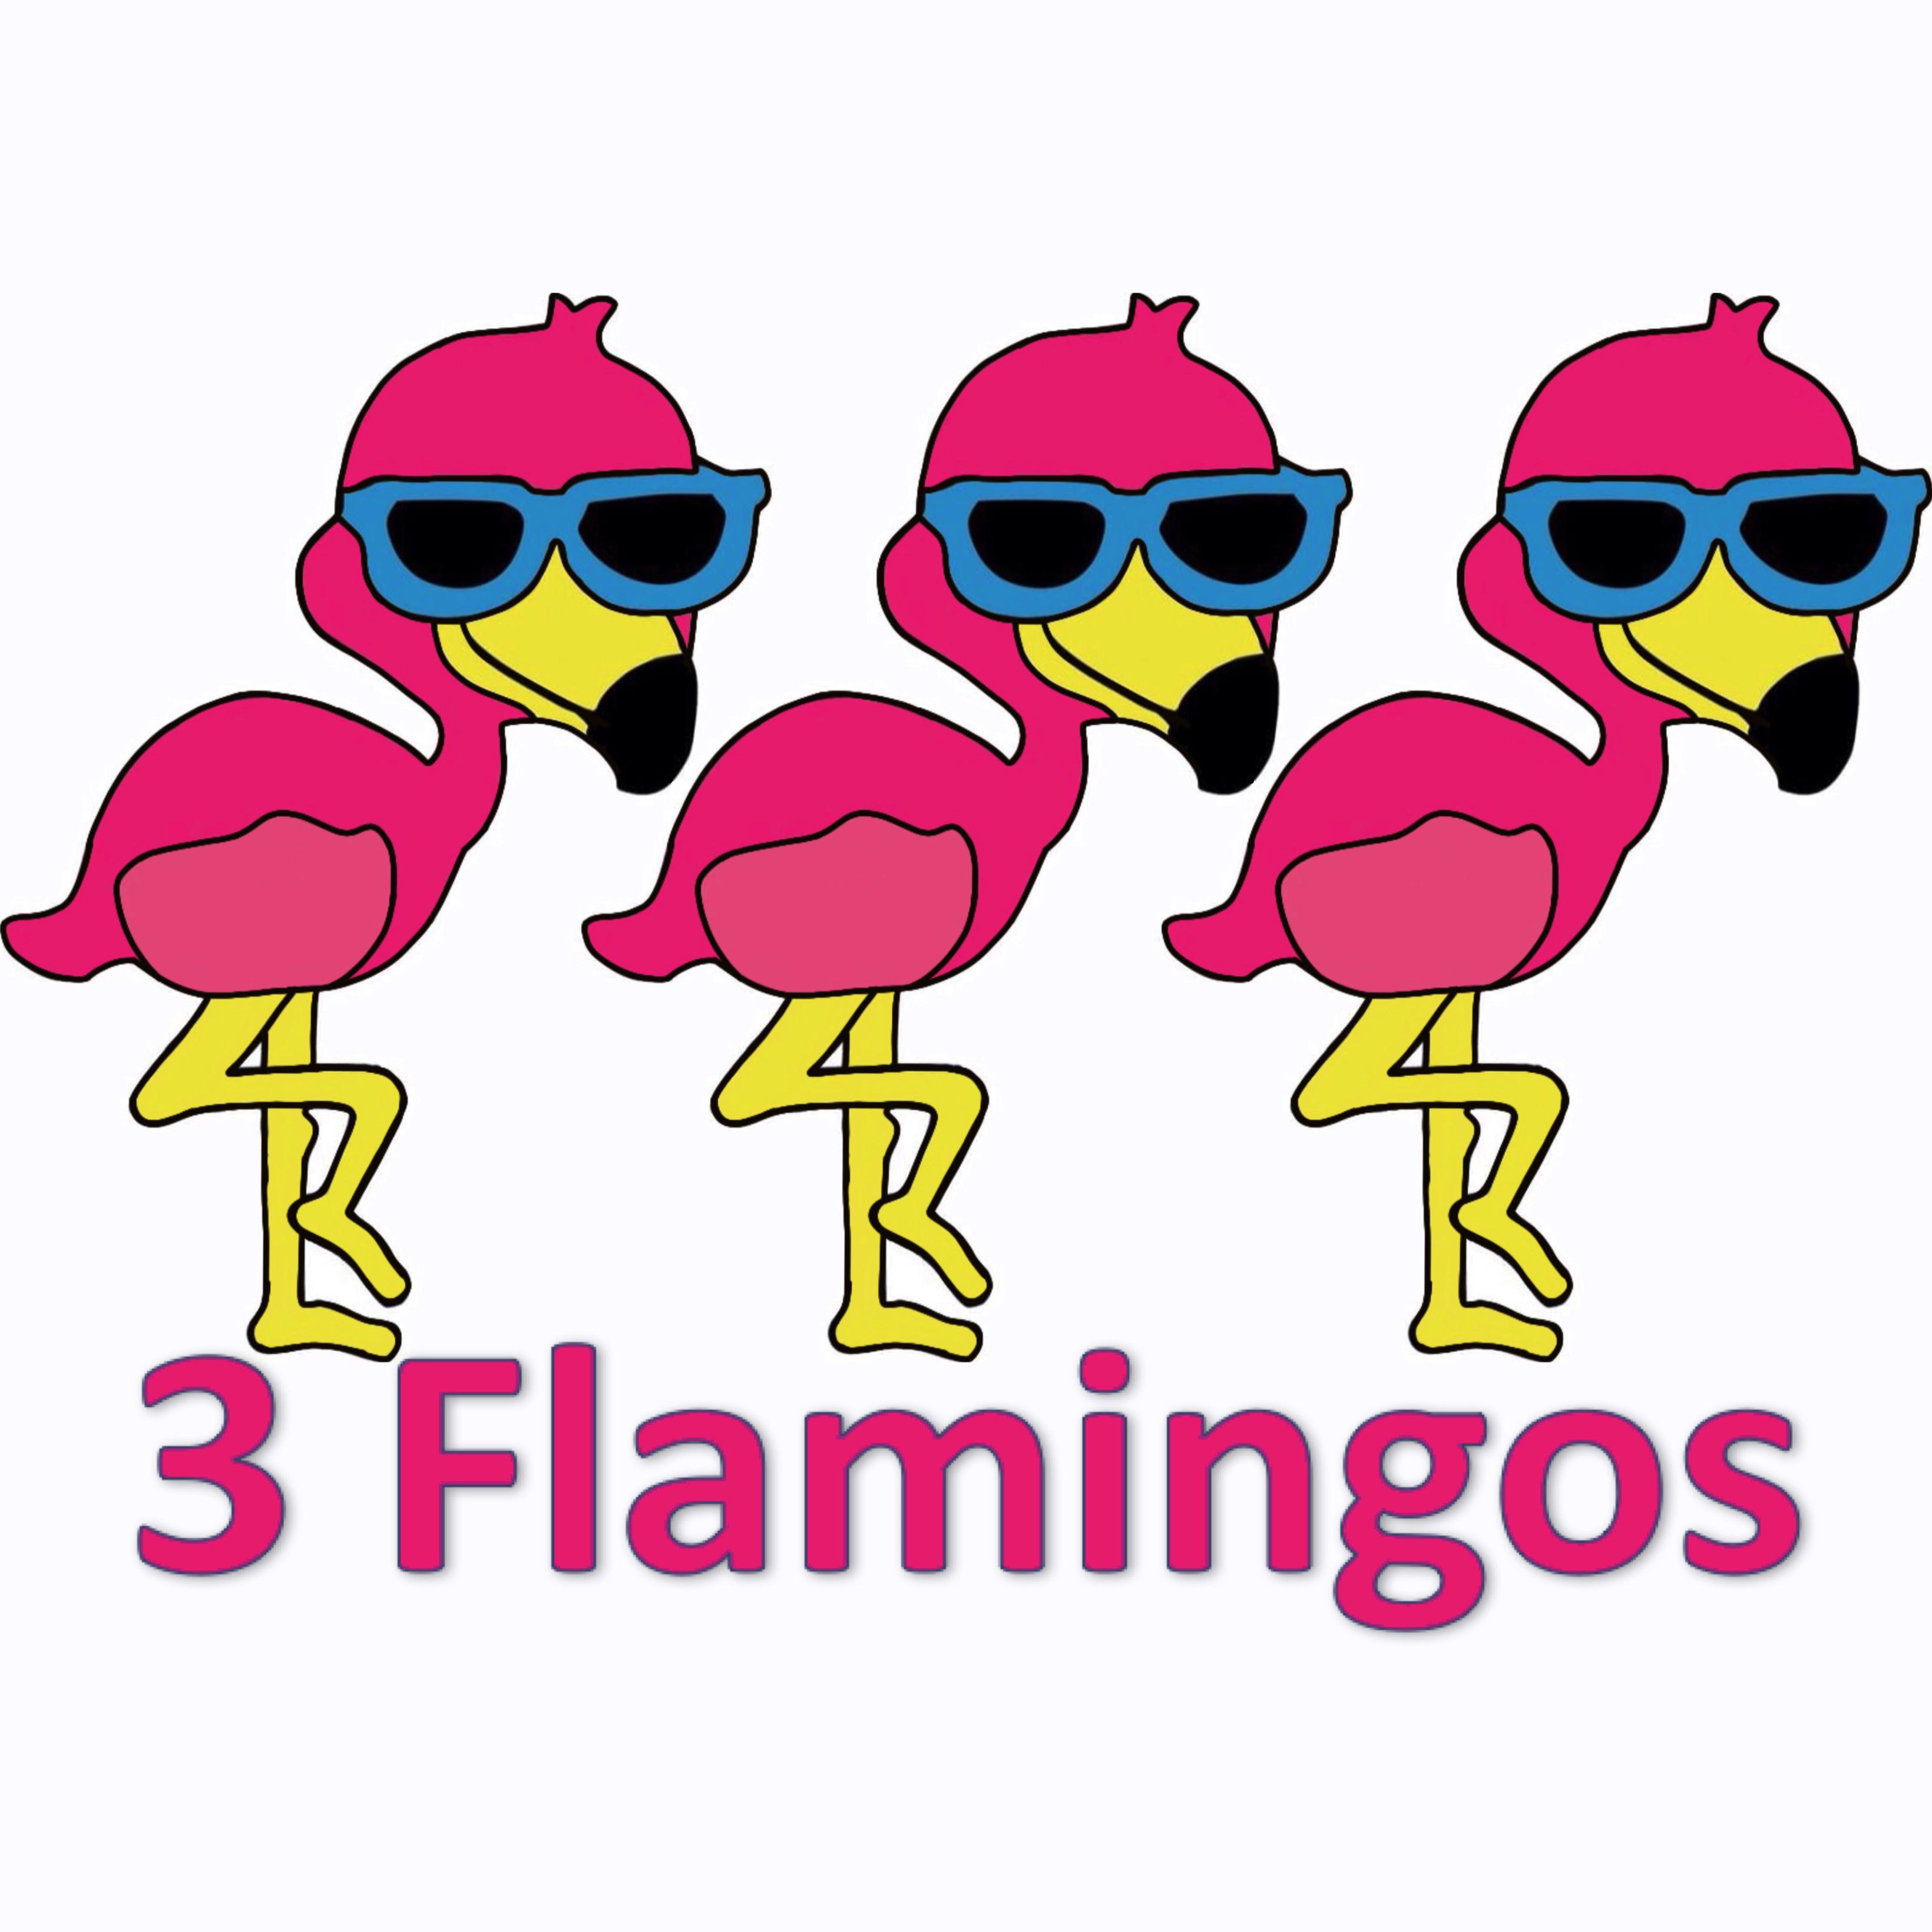 3 Flamingos Frozen Yogurt